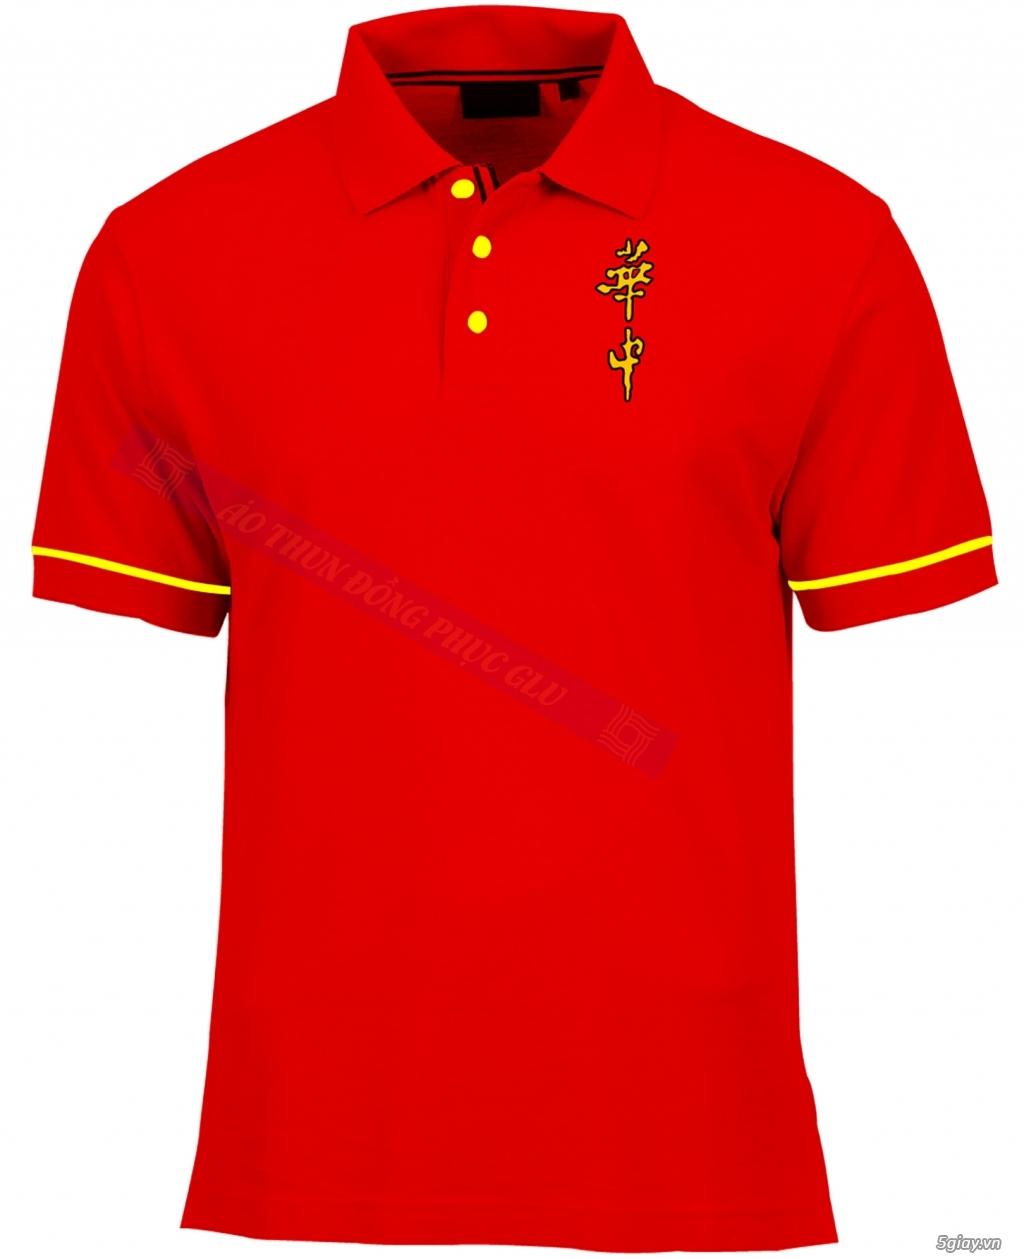 May áo thun đồng phục cao ty chất lượng, giá rẻ nhất TPHCM - 27